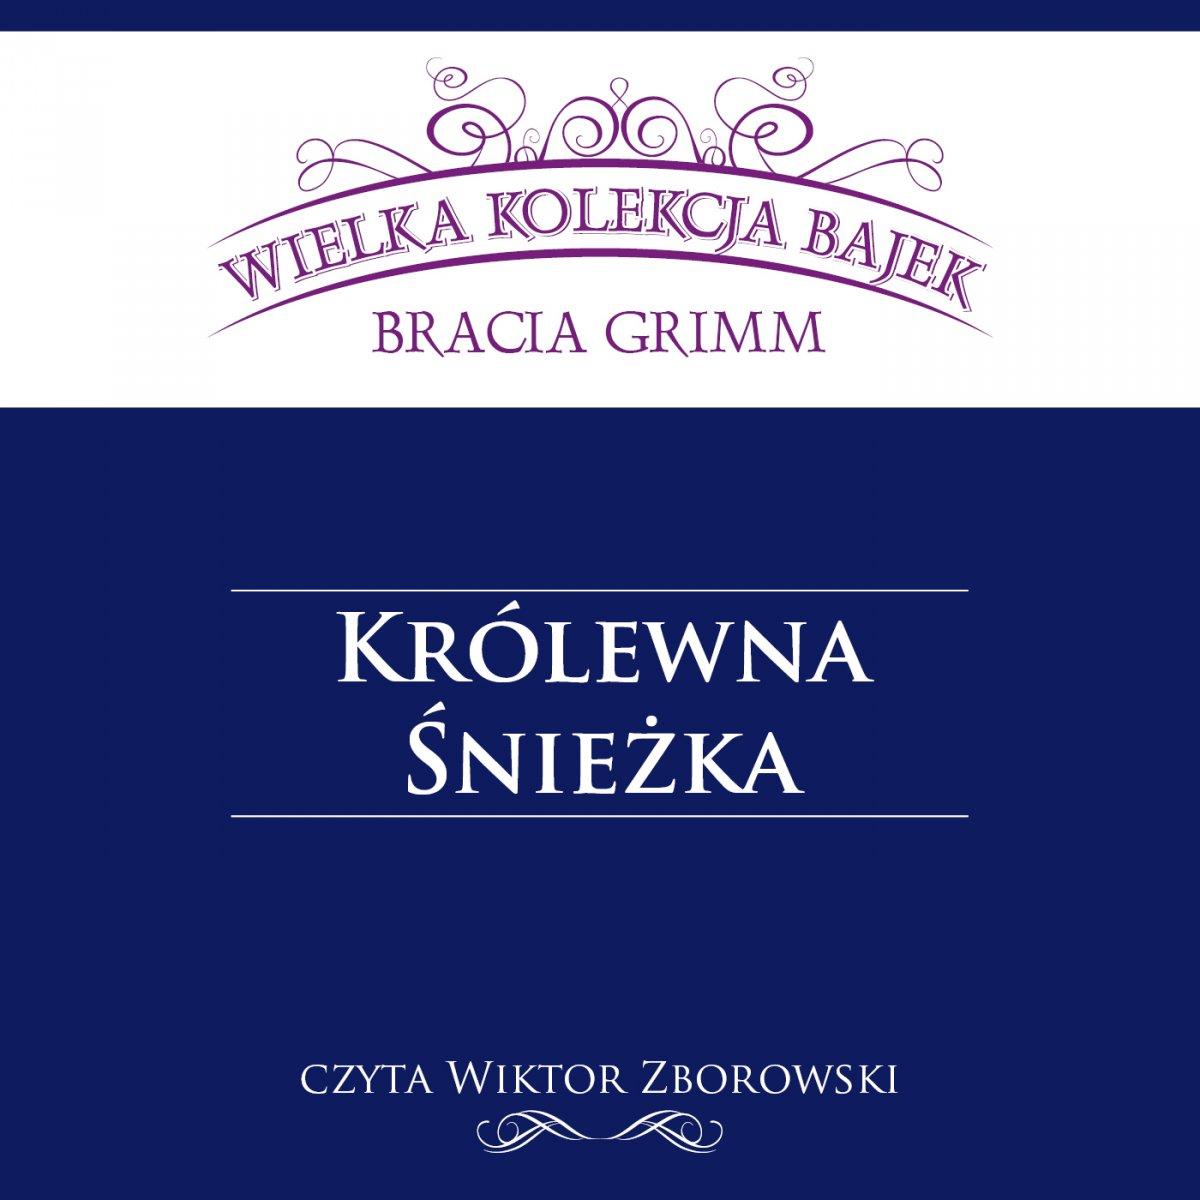 Królewna Śnieżka (Wielka Kolekcja Bajek) - Audiobook (Książka audio MP3) do pobrania w całości w archiwum ZIP